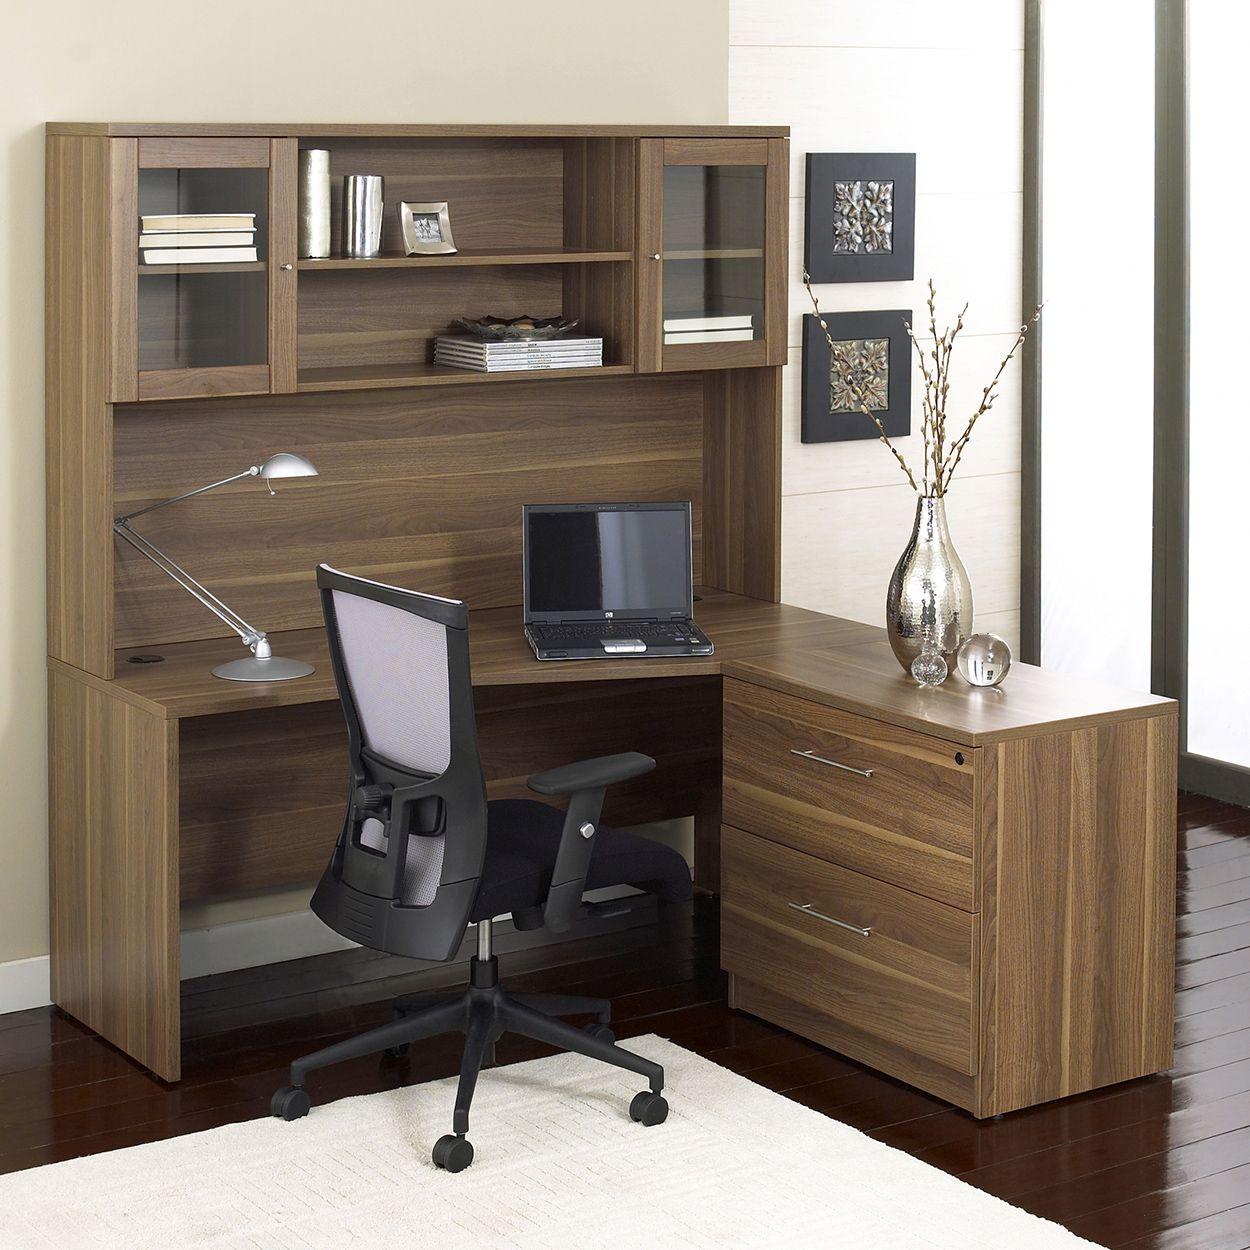 Pin On Josh S Office Desk